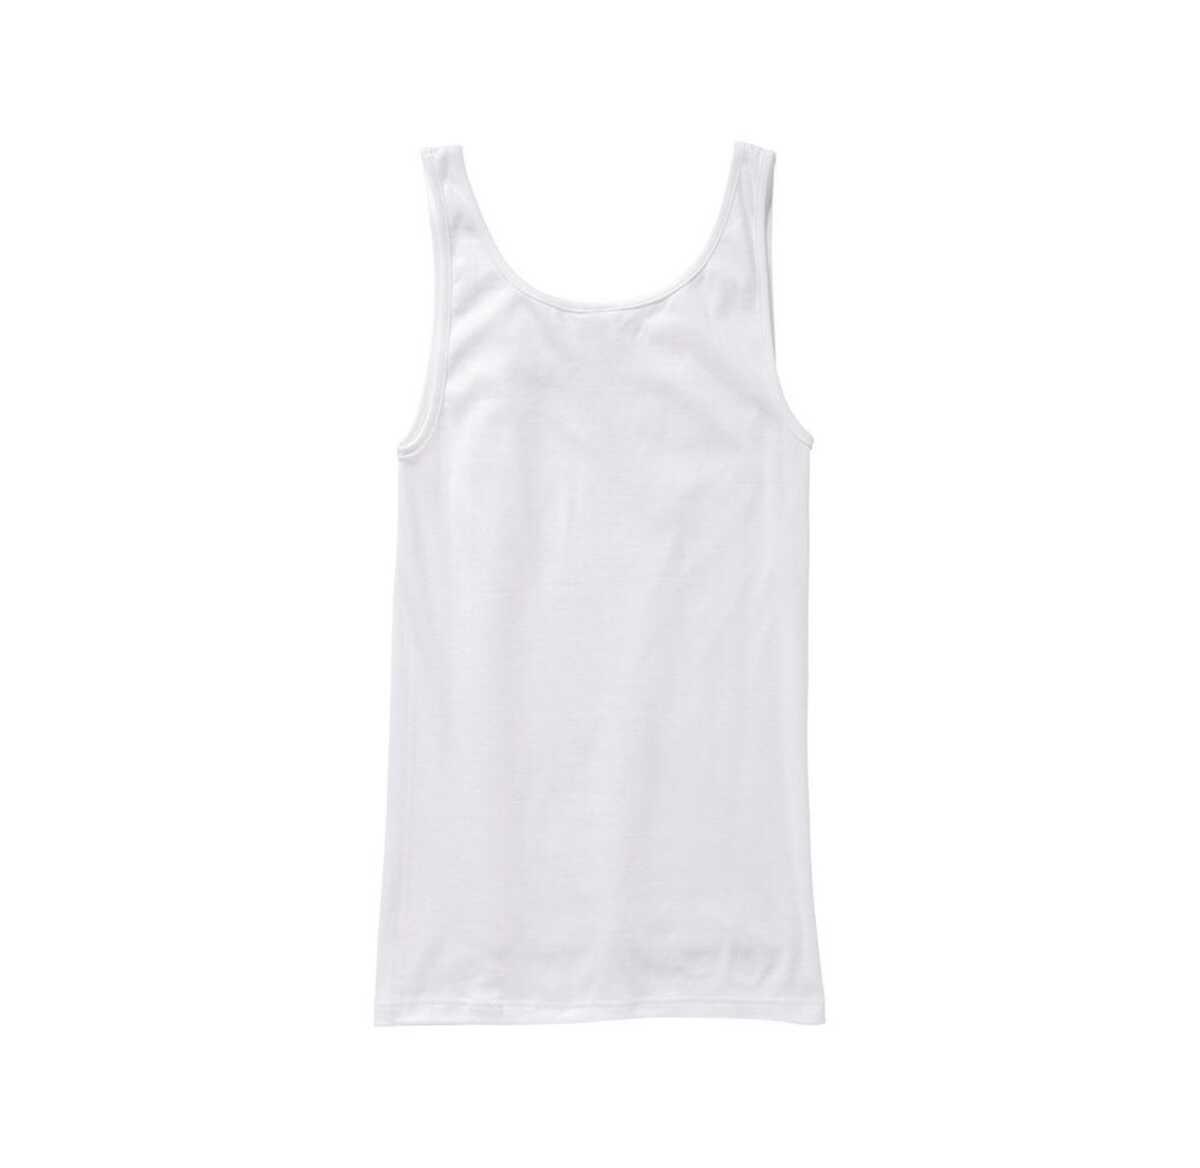 Bild 2 von Damen-Unterhemd mit Spitzeneinsatz